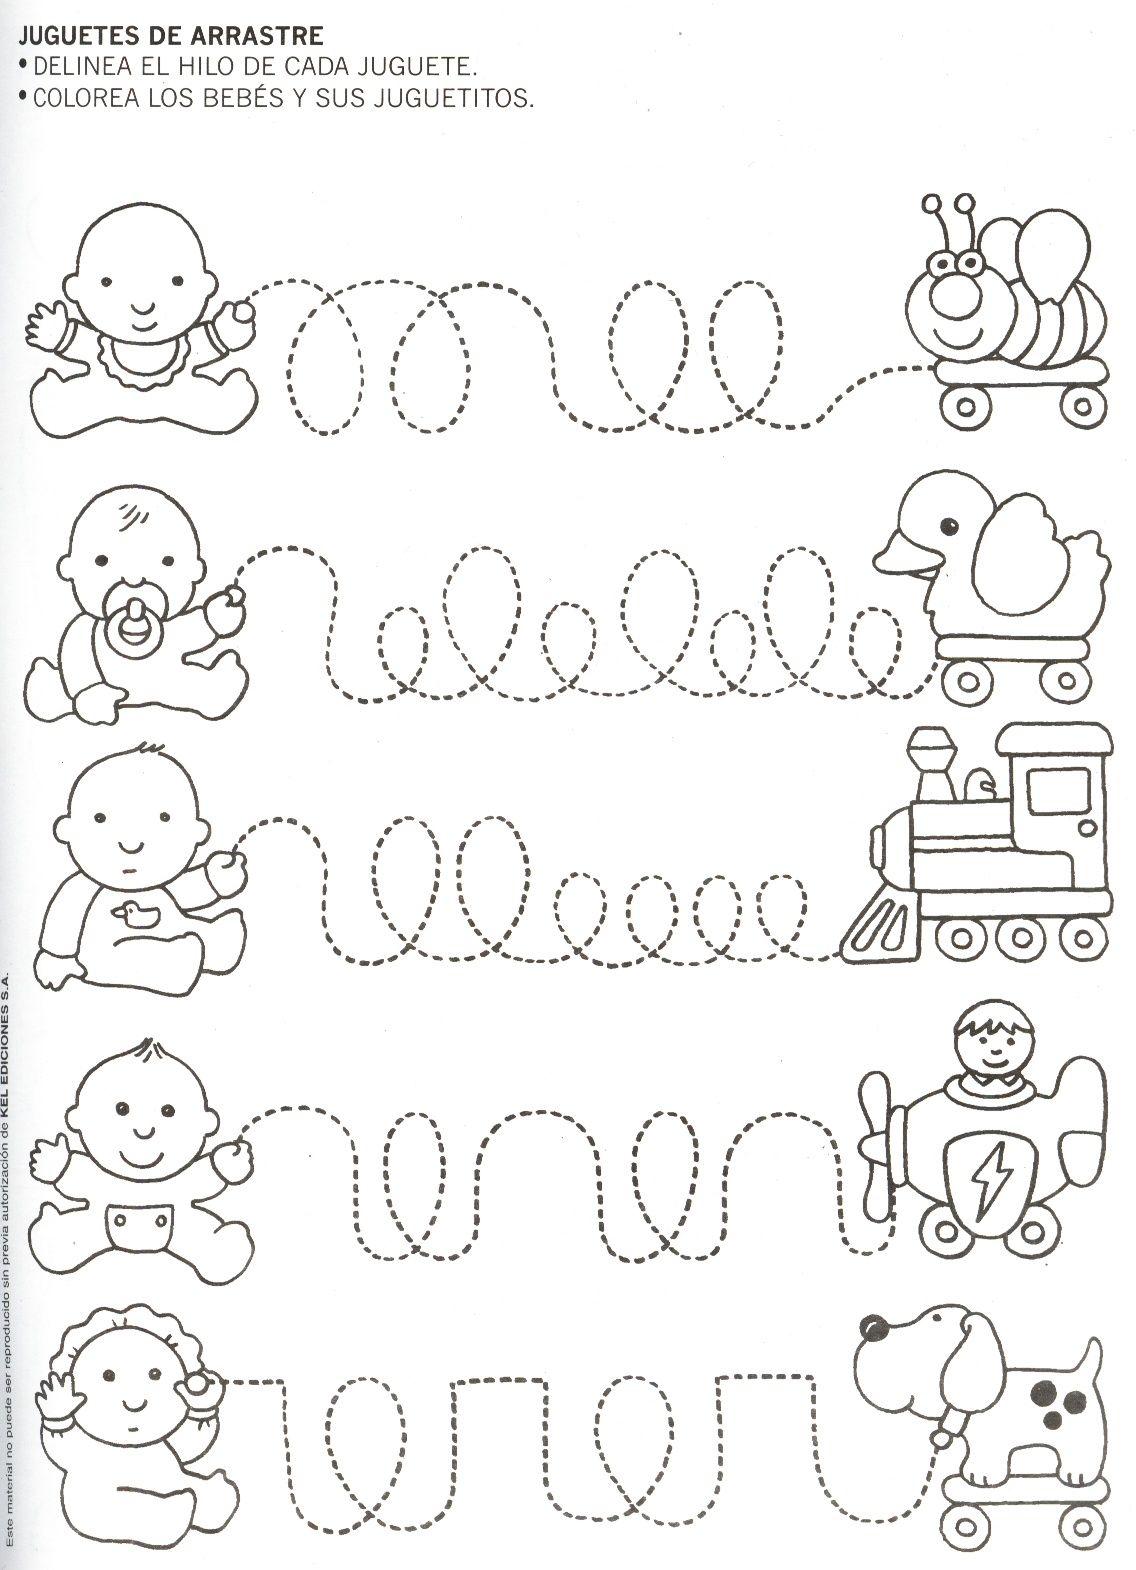 Image63.jpg (1136×1570) | Resources for ECE | Pinterest | Worksheets ...